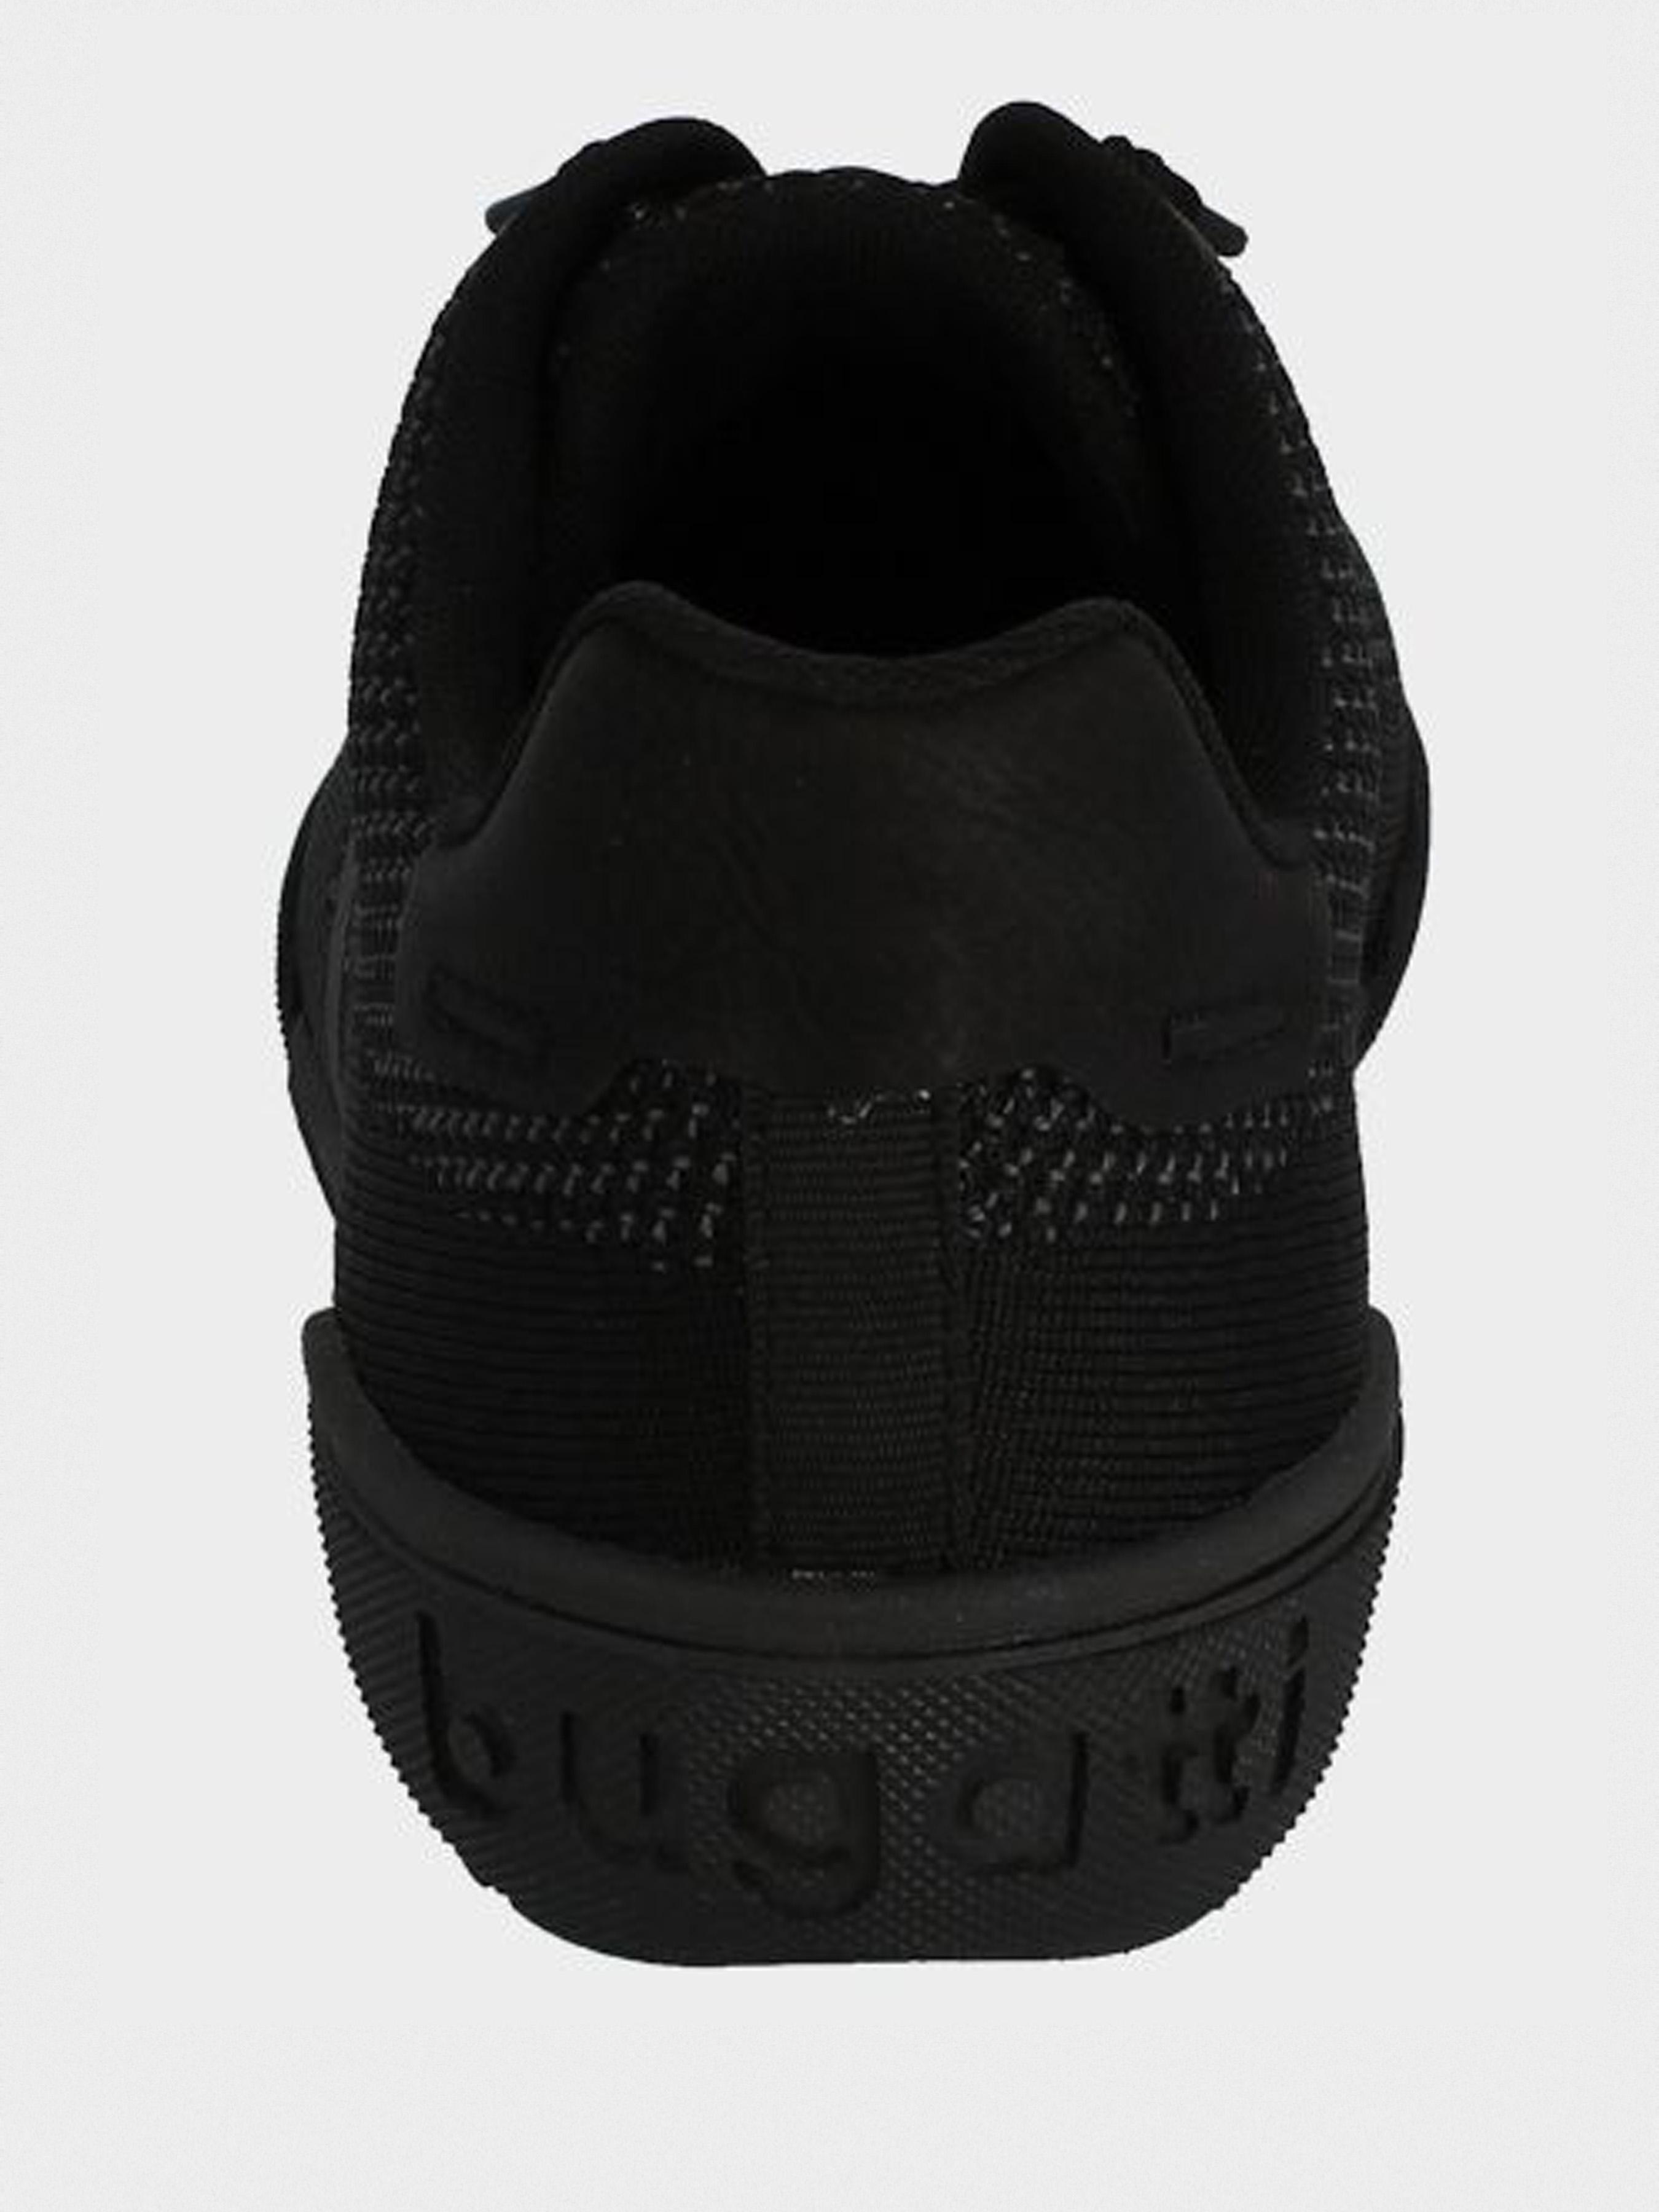 Кросівки  для чоловіків Bugatti Sneakers 321-46504-6959-1010 купити в Iнтертоп, 2017